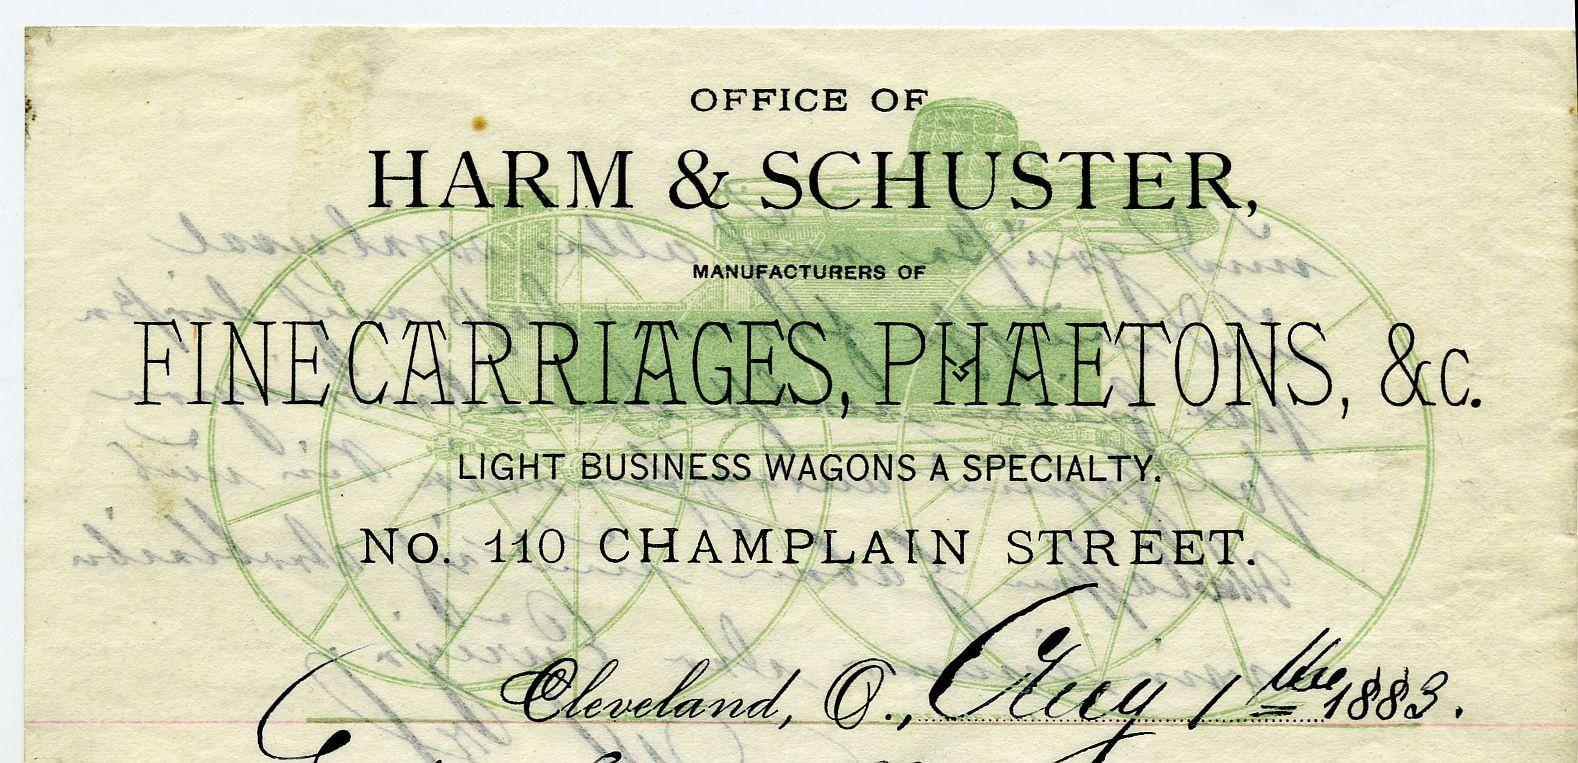 Harm & Schuster letterhead